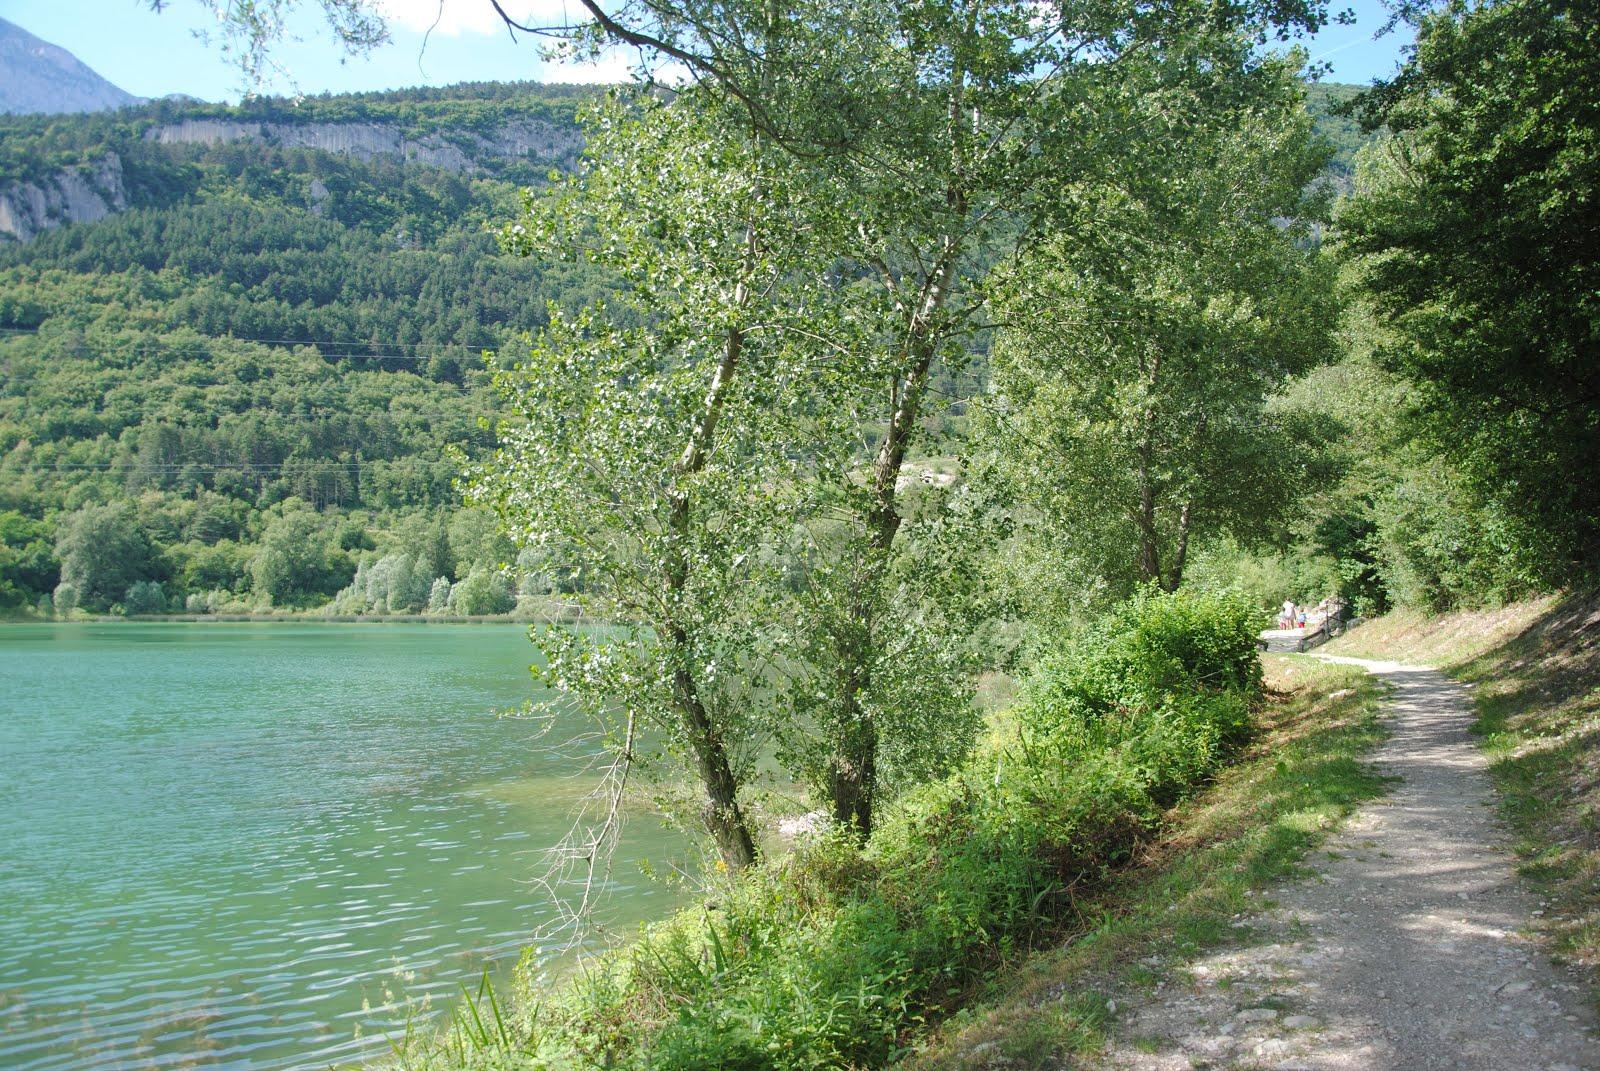 Vite in viaggio il lago di terlago for Lago per tartarughe